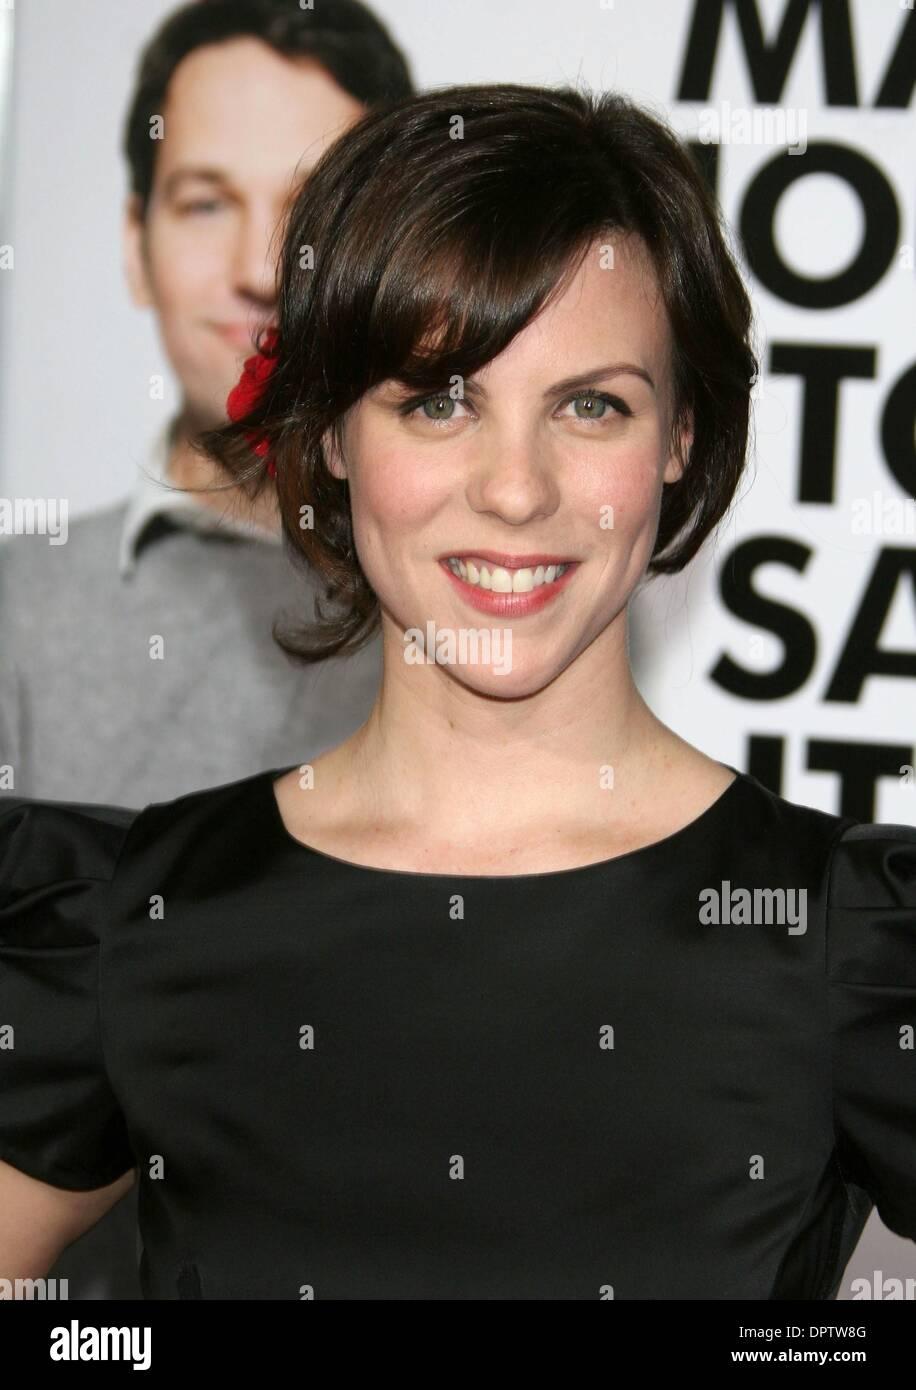 Mar 17 2009 Los Angeles California Usa Actress Sarah Burns At Stock Photo Alamy